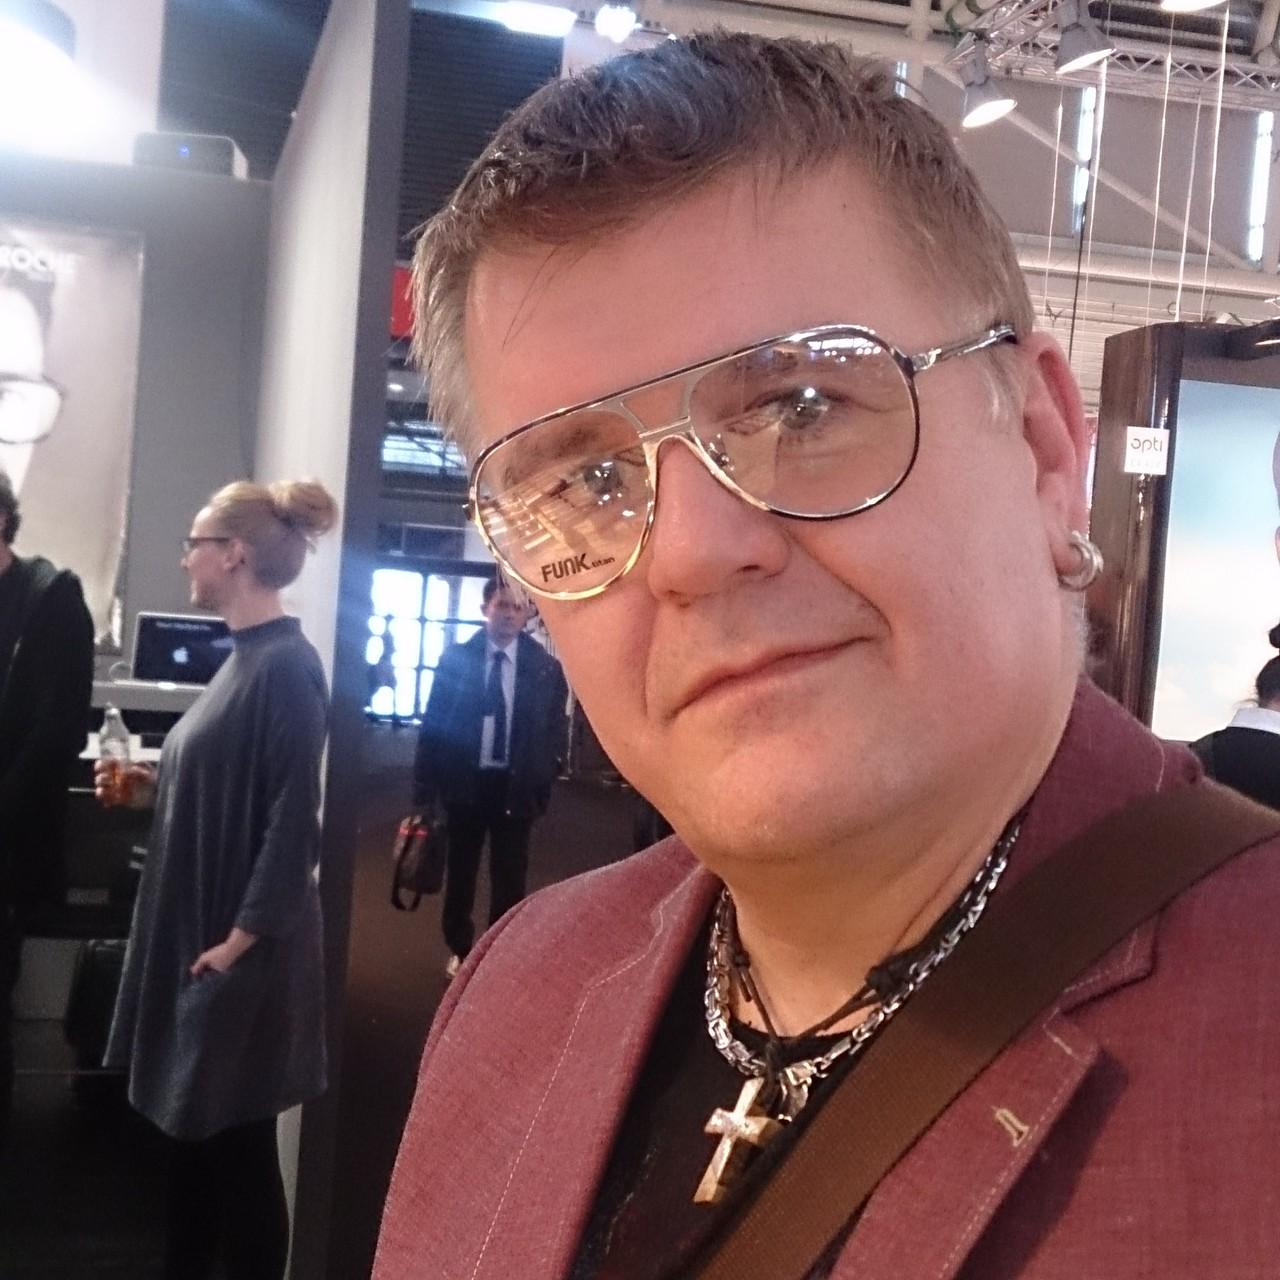 Martin Wörner mit Funk Brille